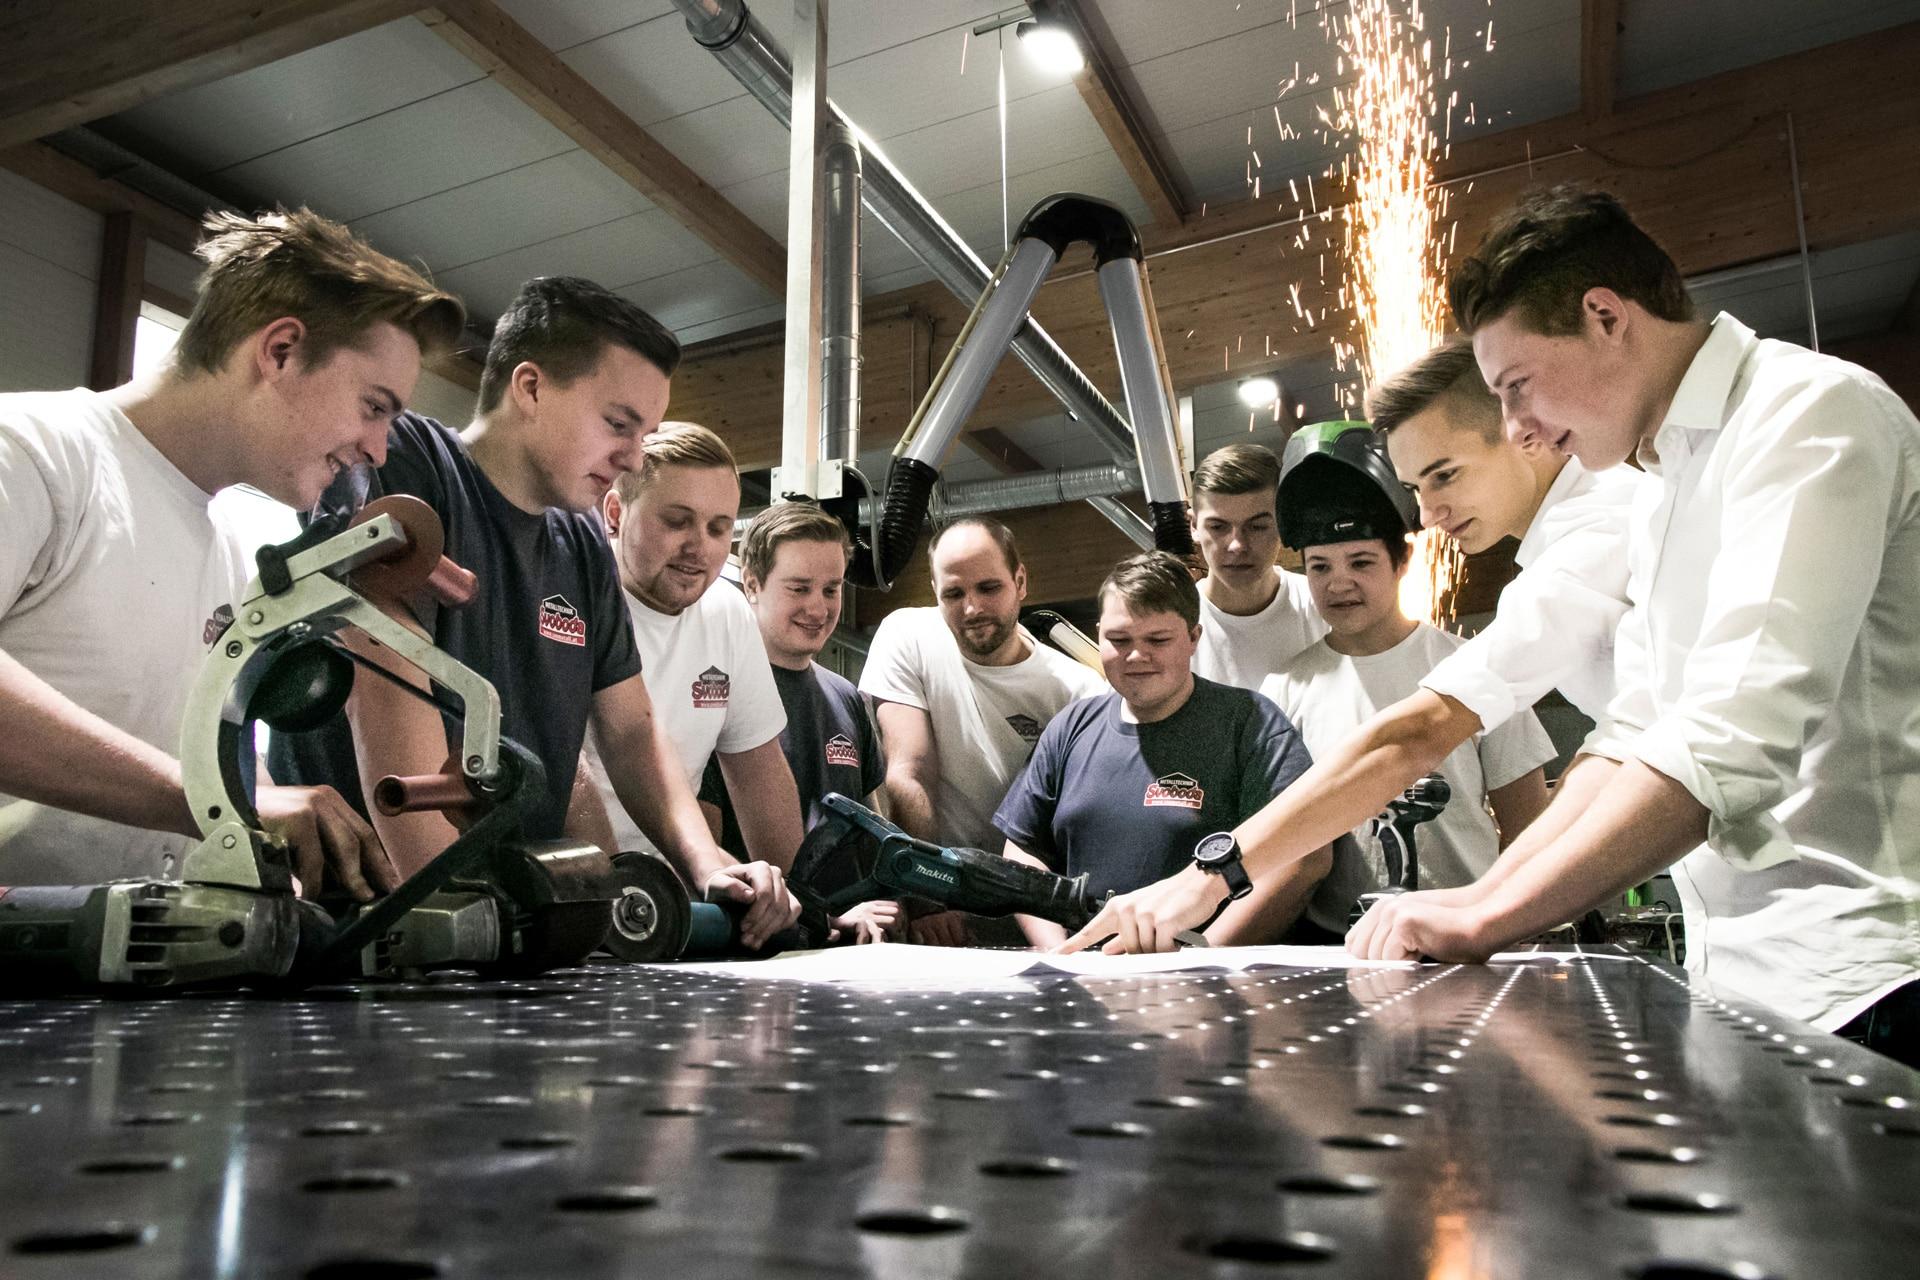 Lehrlinge Metalltechnik/Konstrukteure/technische Zeichner um Schweißtisch bei Plangespräch| Svoboda